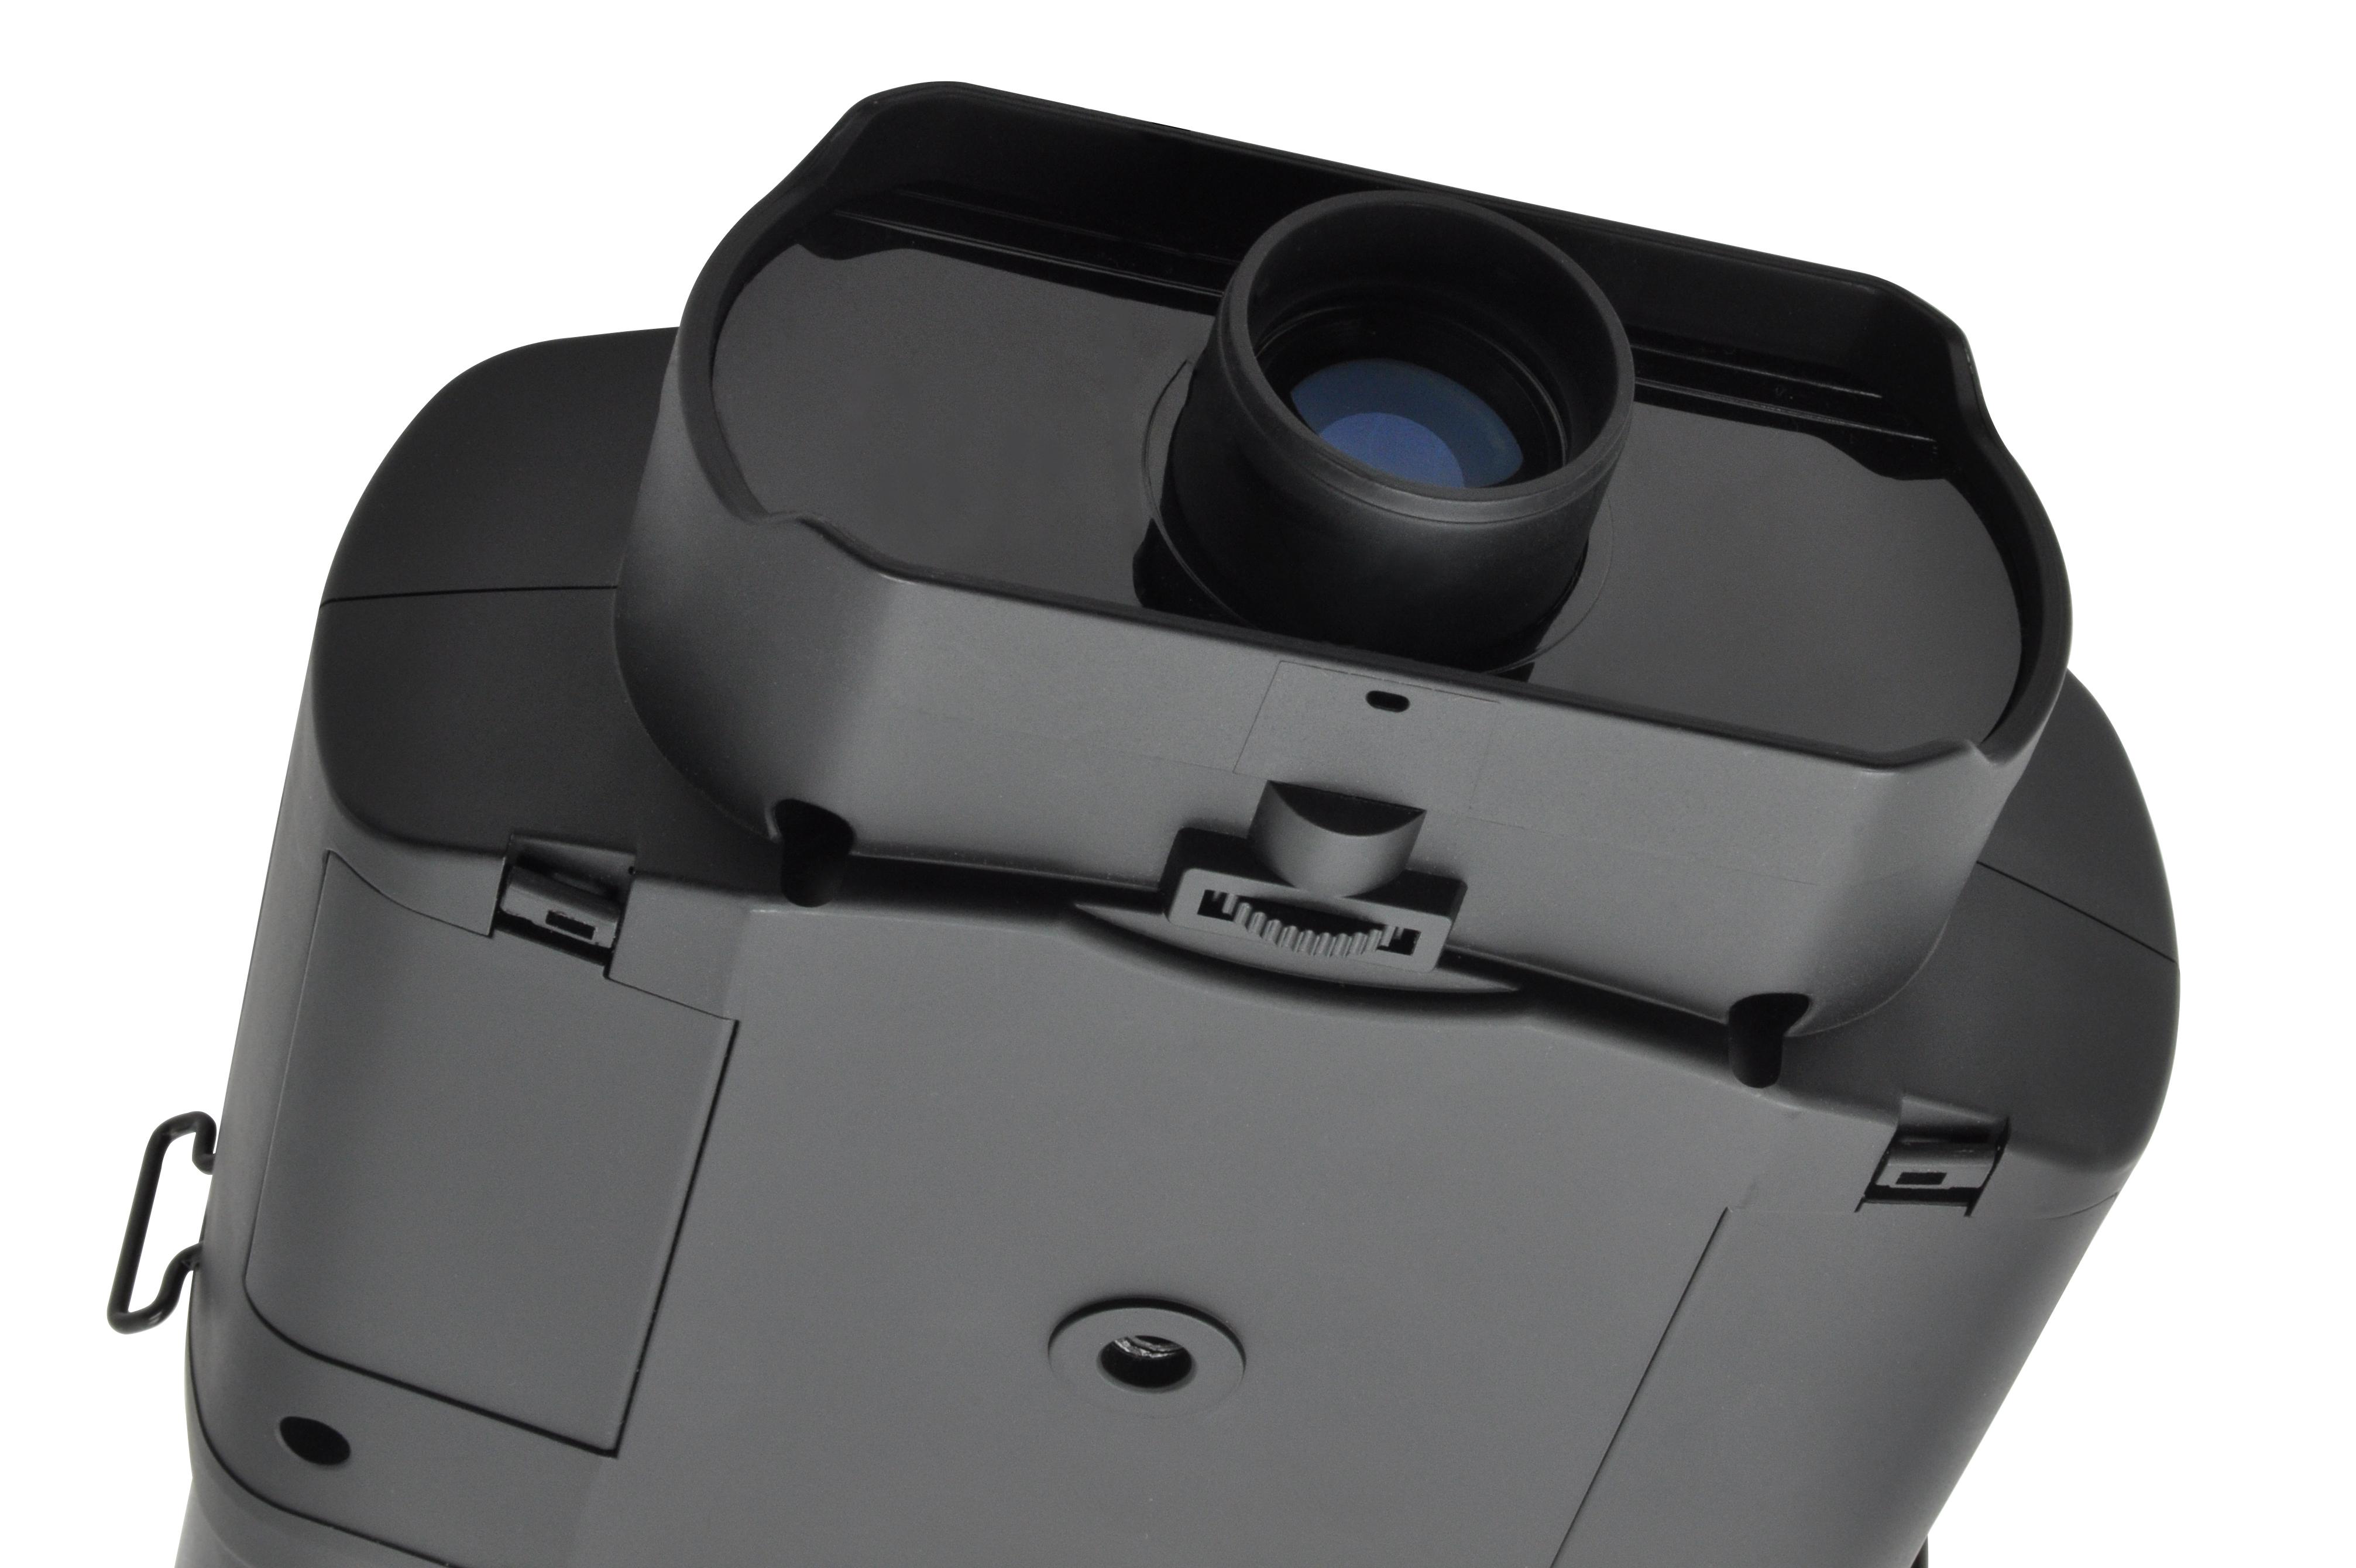 Test Bresser Entfernungsmesser : Bresser digitales nachtsichtgerät binokular